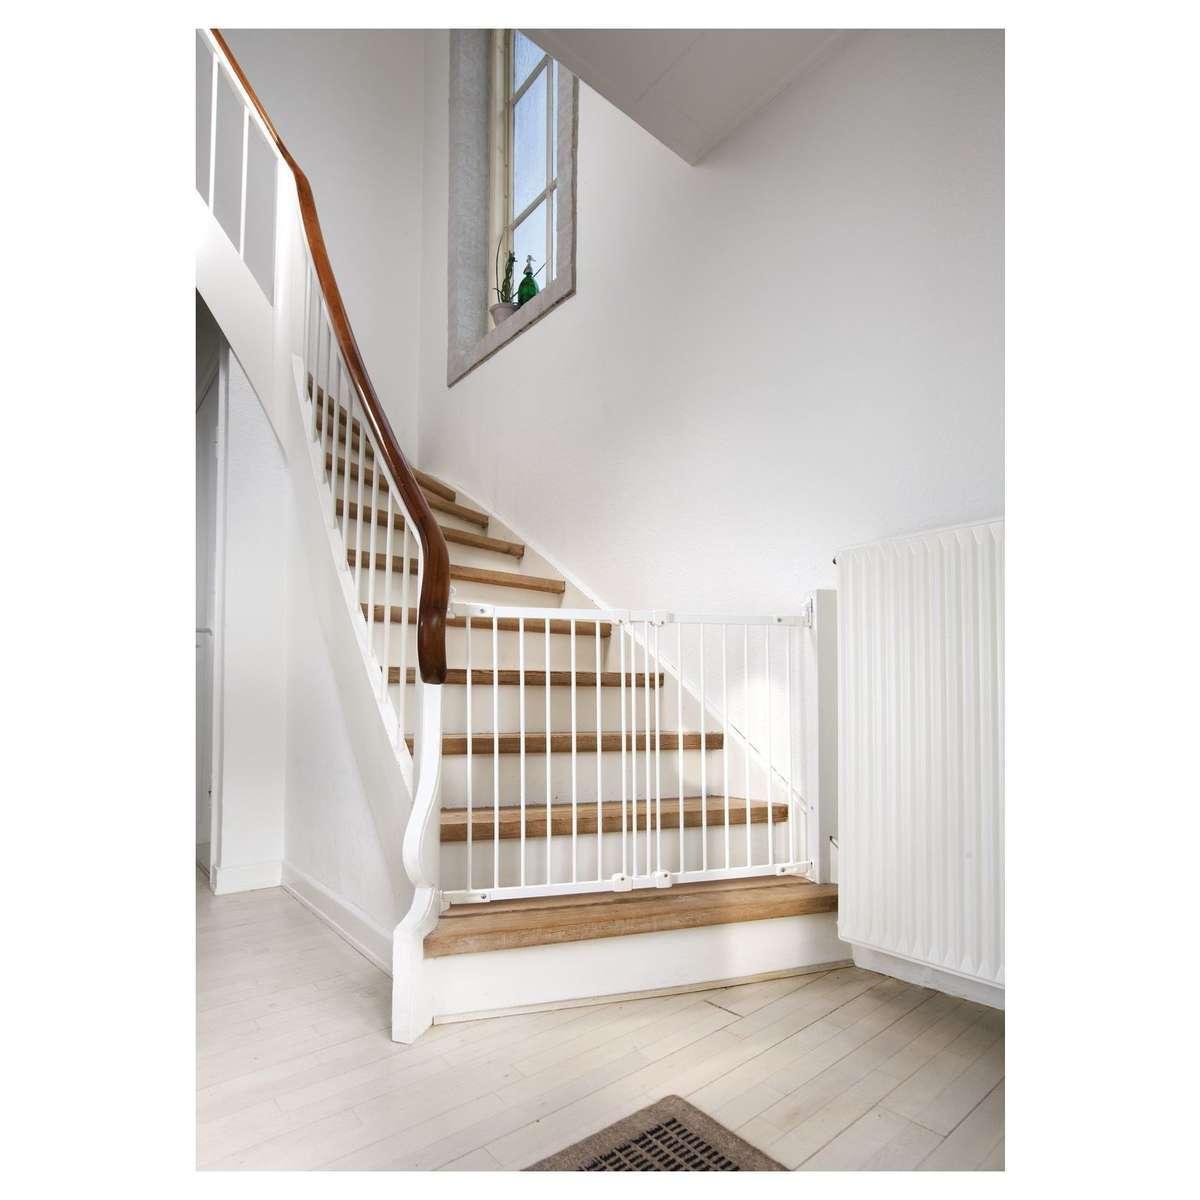 babydan barri re de s curit en m tal flexifit blanc barri re de s curit babydan sur l. Black Bedroom Furniture Sets. Home Design Ideas